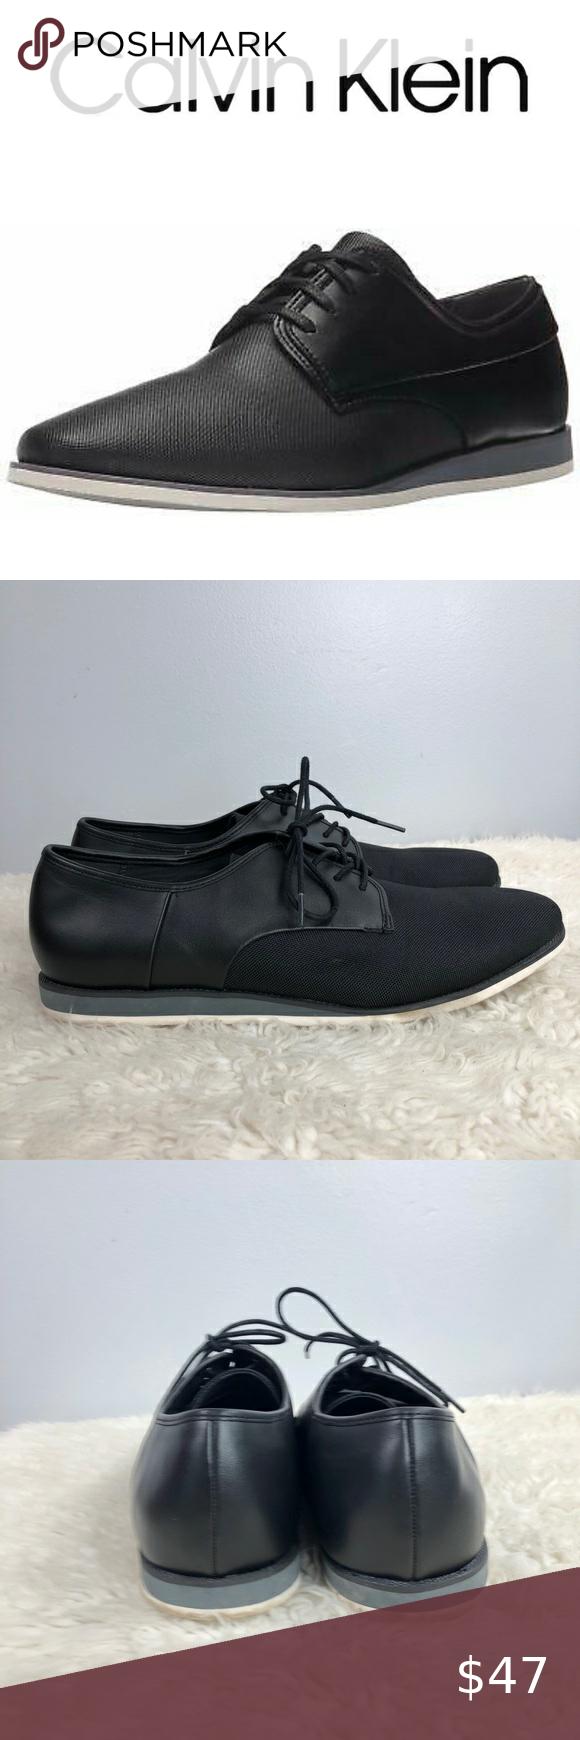 Calvin Klein Black Kadon Oxford Shoes Size 12 Calvin Klein Black Oxford Shoes Calvin Klein Shoes [ 1740 x 580 Pixel ]